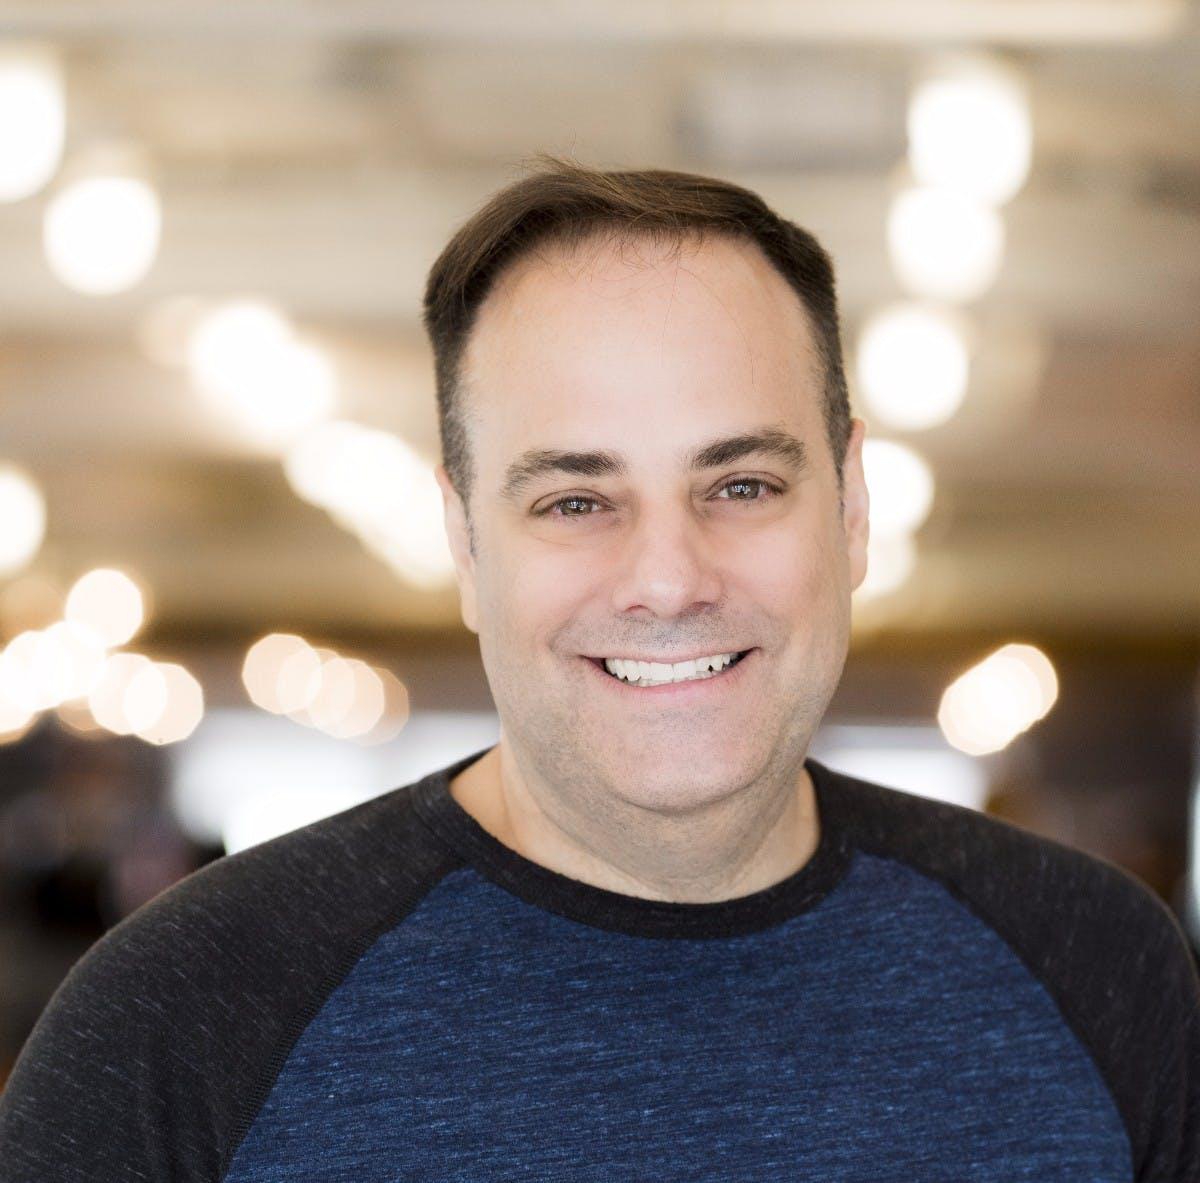 Der Stack-Overflow-Gründer verrät, wie du richtig gute Programmierer anheuerst